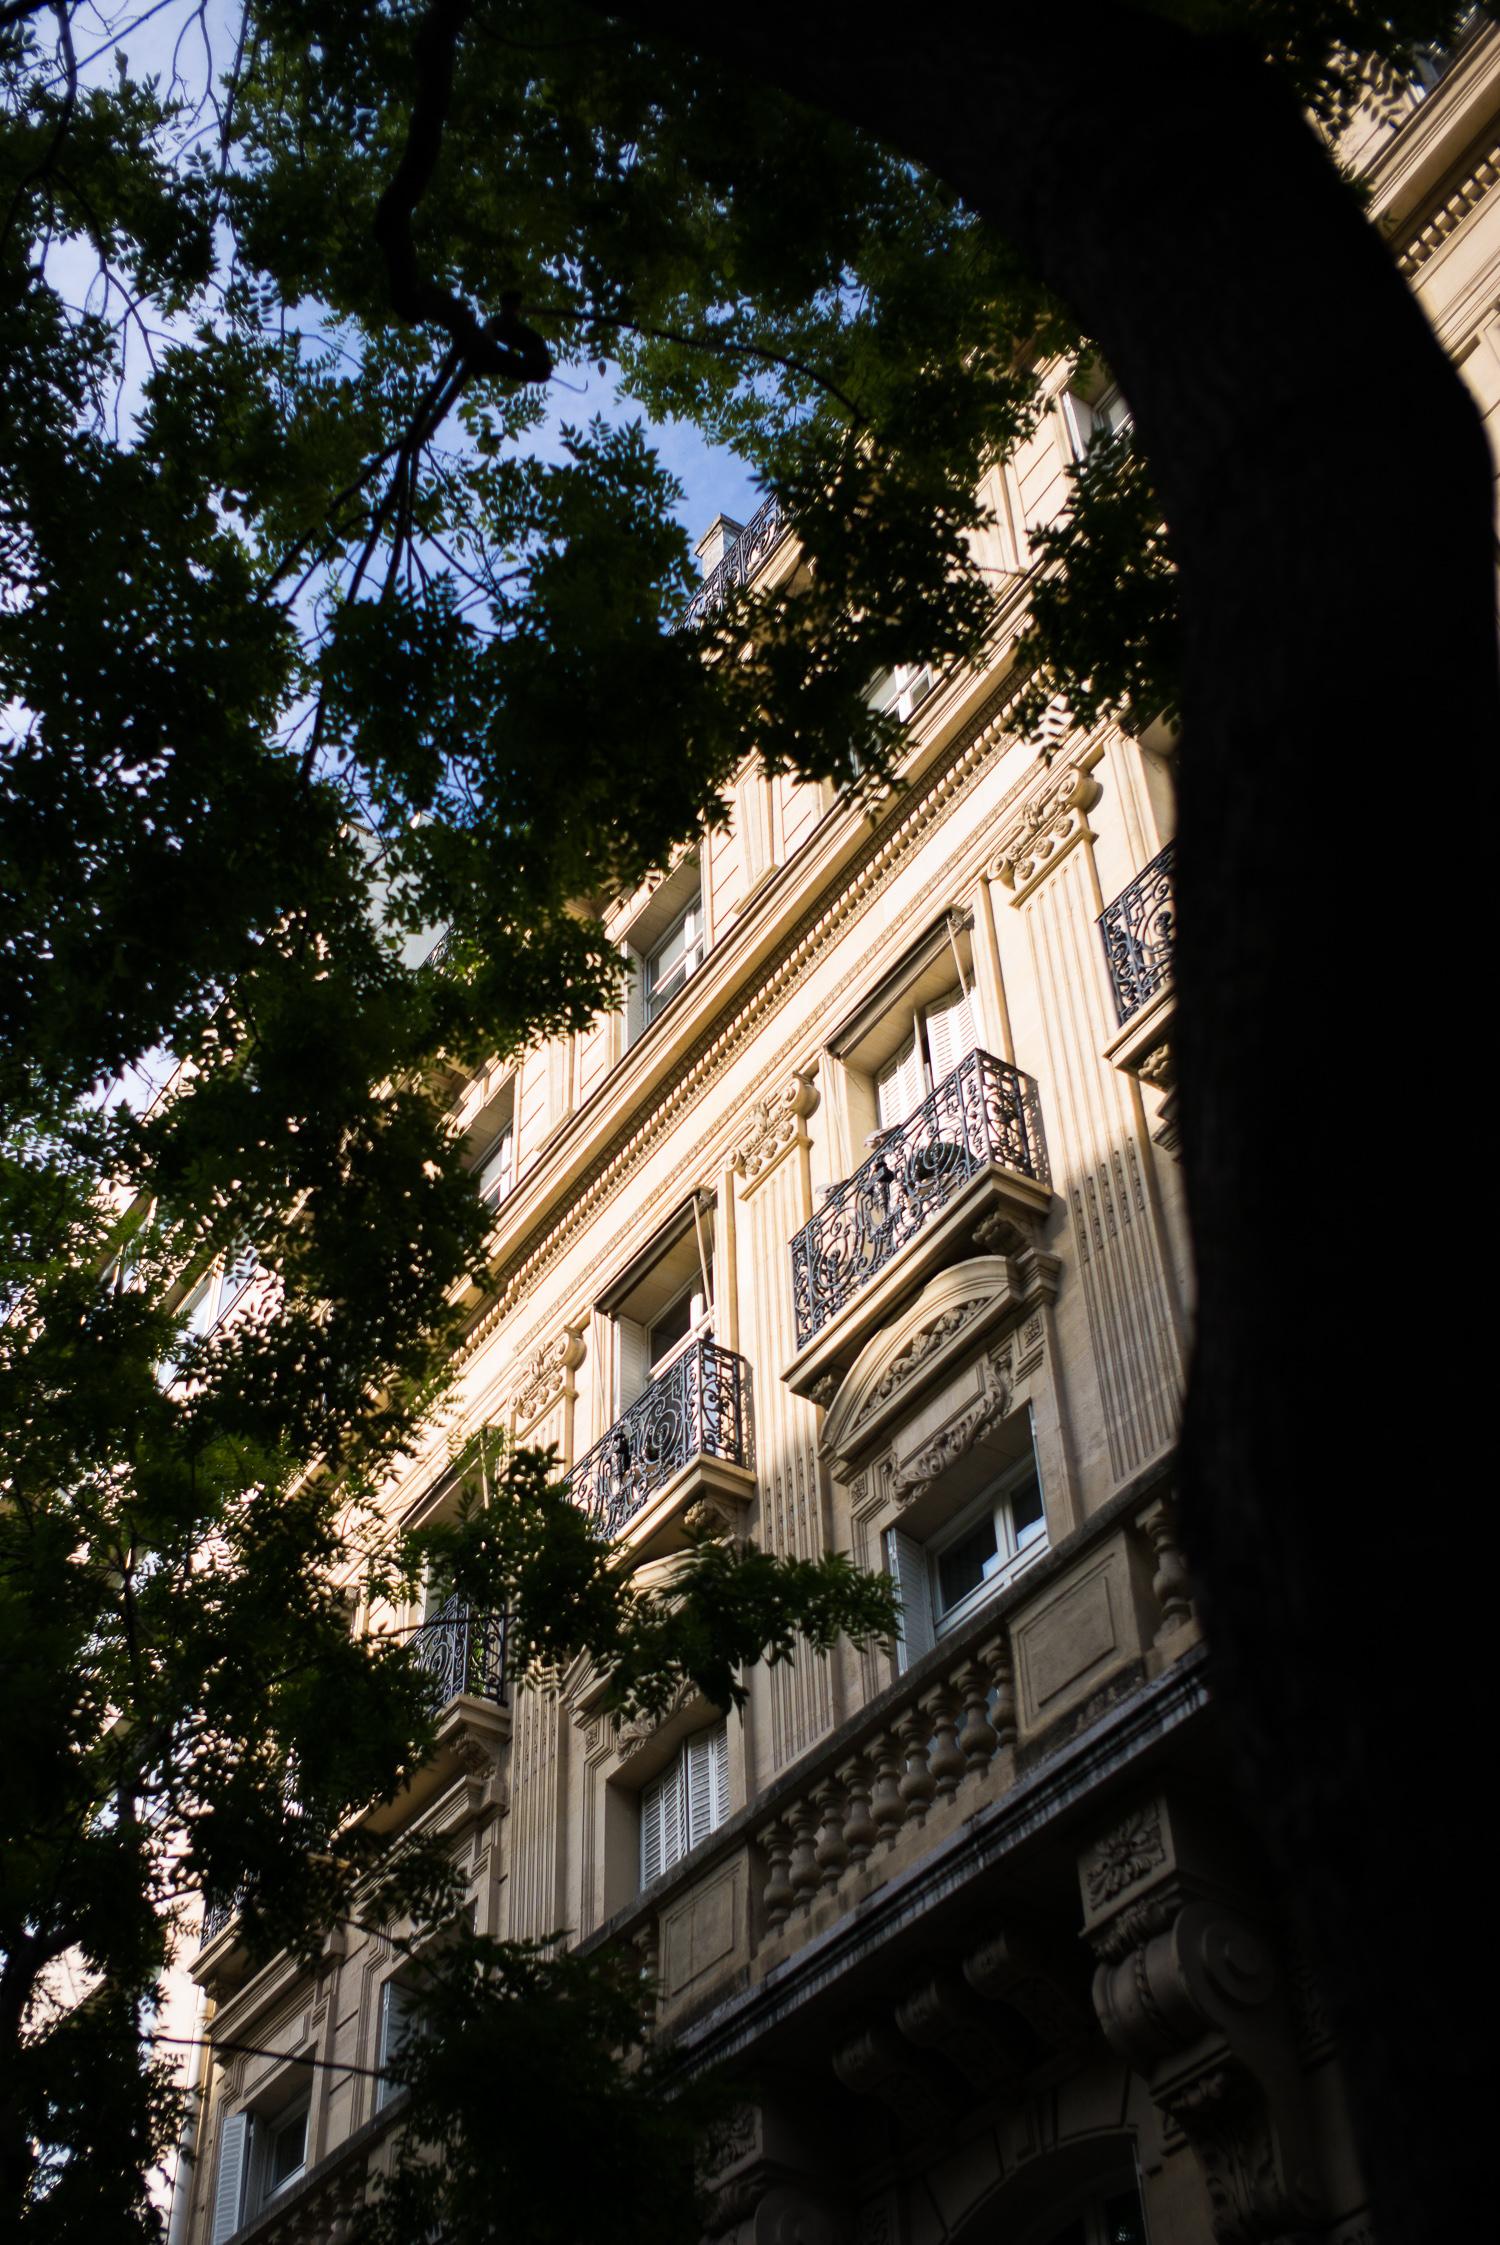 20150705 - Paris Weekend 1 (1500) -113.jpg